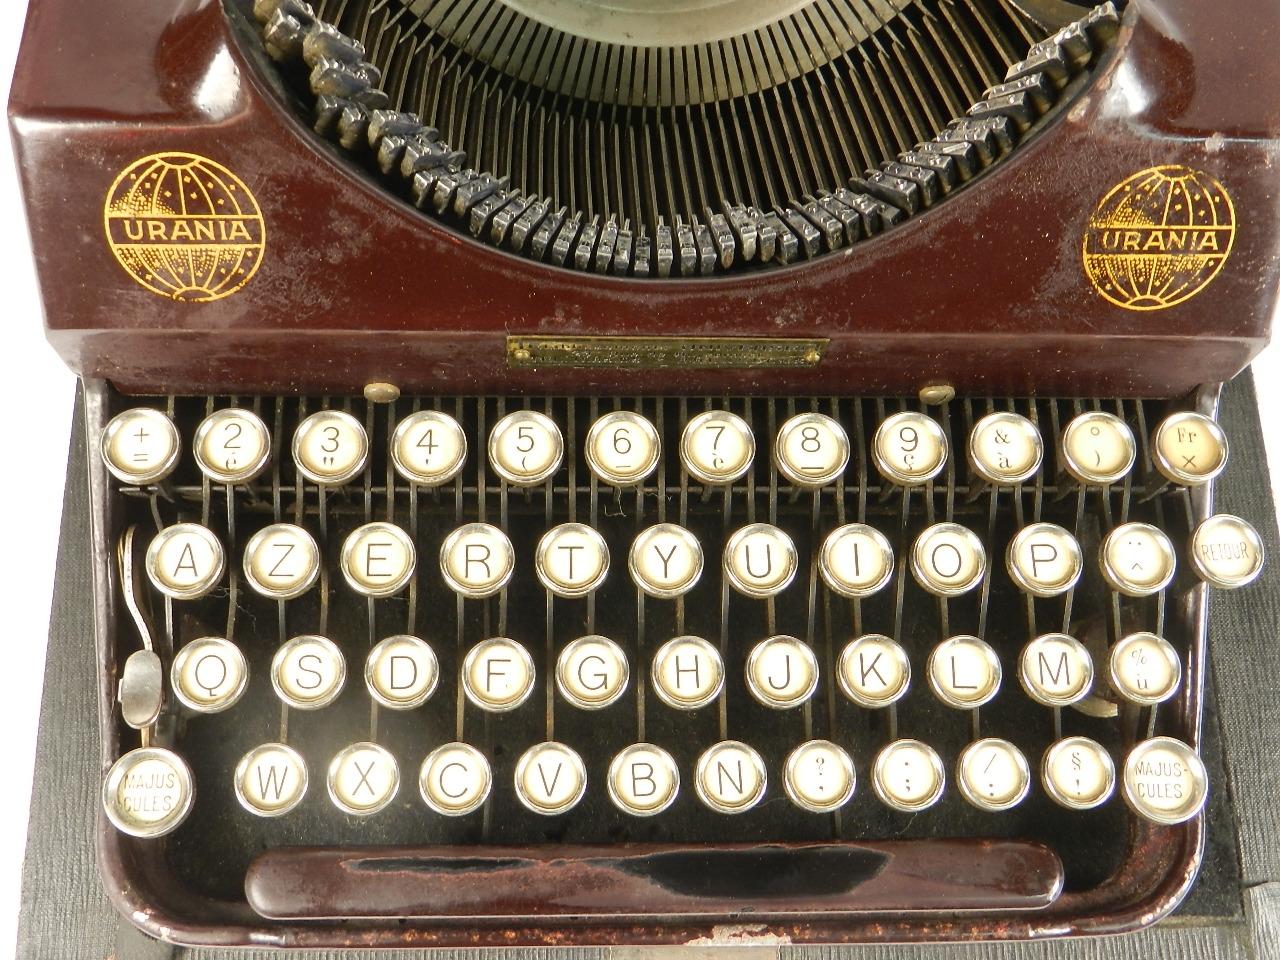 Imagen RARA URANIA PICCOLA AÑO 1926 COLOR GRANATE 34600